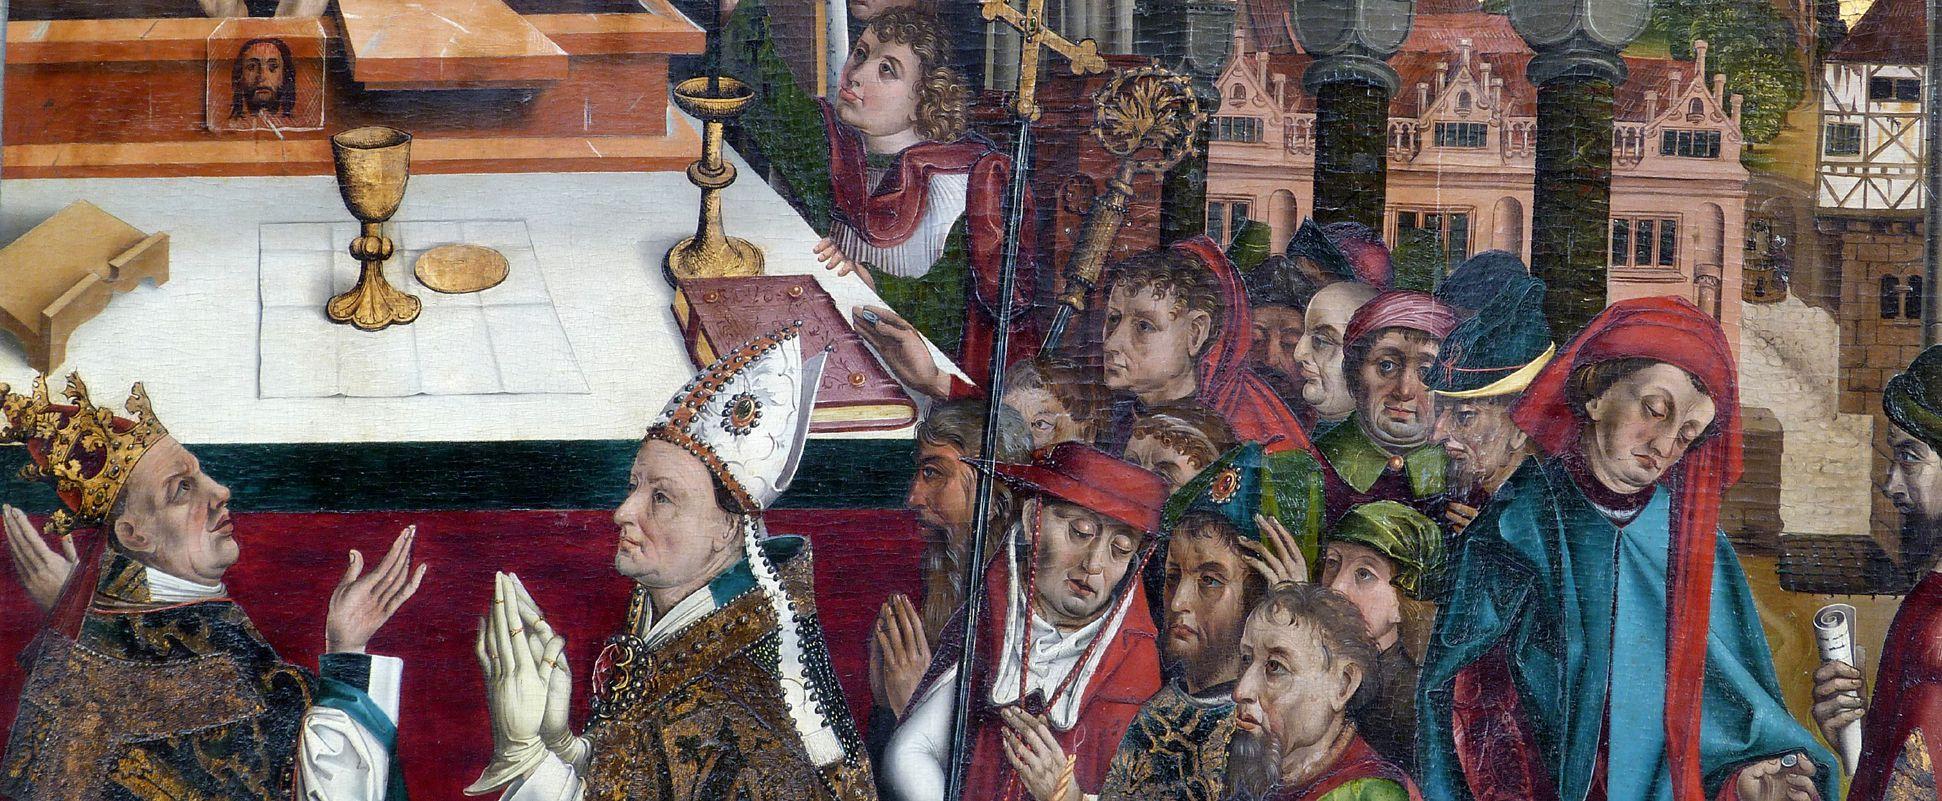 Epitaph des Hans Mayer (gest. 21.8.1473) und Ehefrau Kunigunde, geborene Sternecker (gest. 23.3.1450) Mittelteil der Tafel